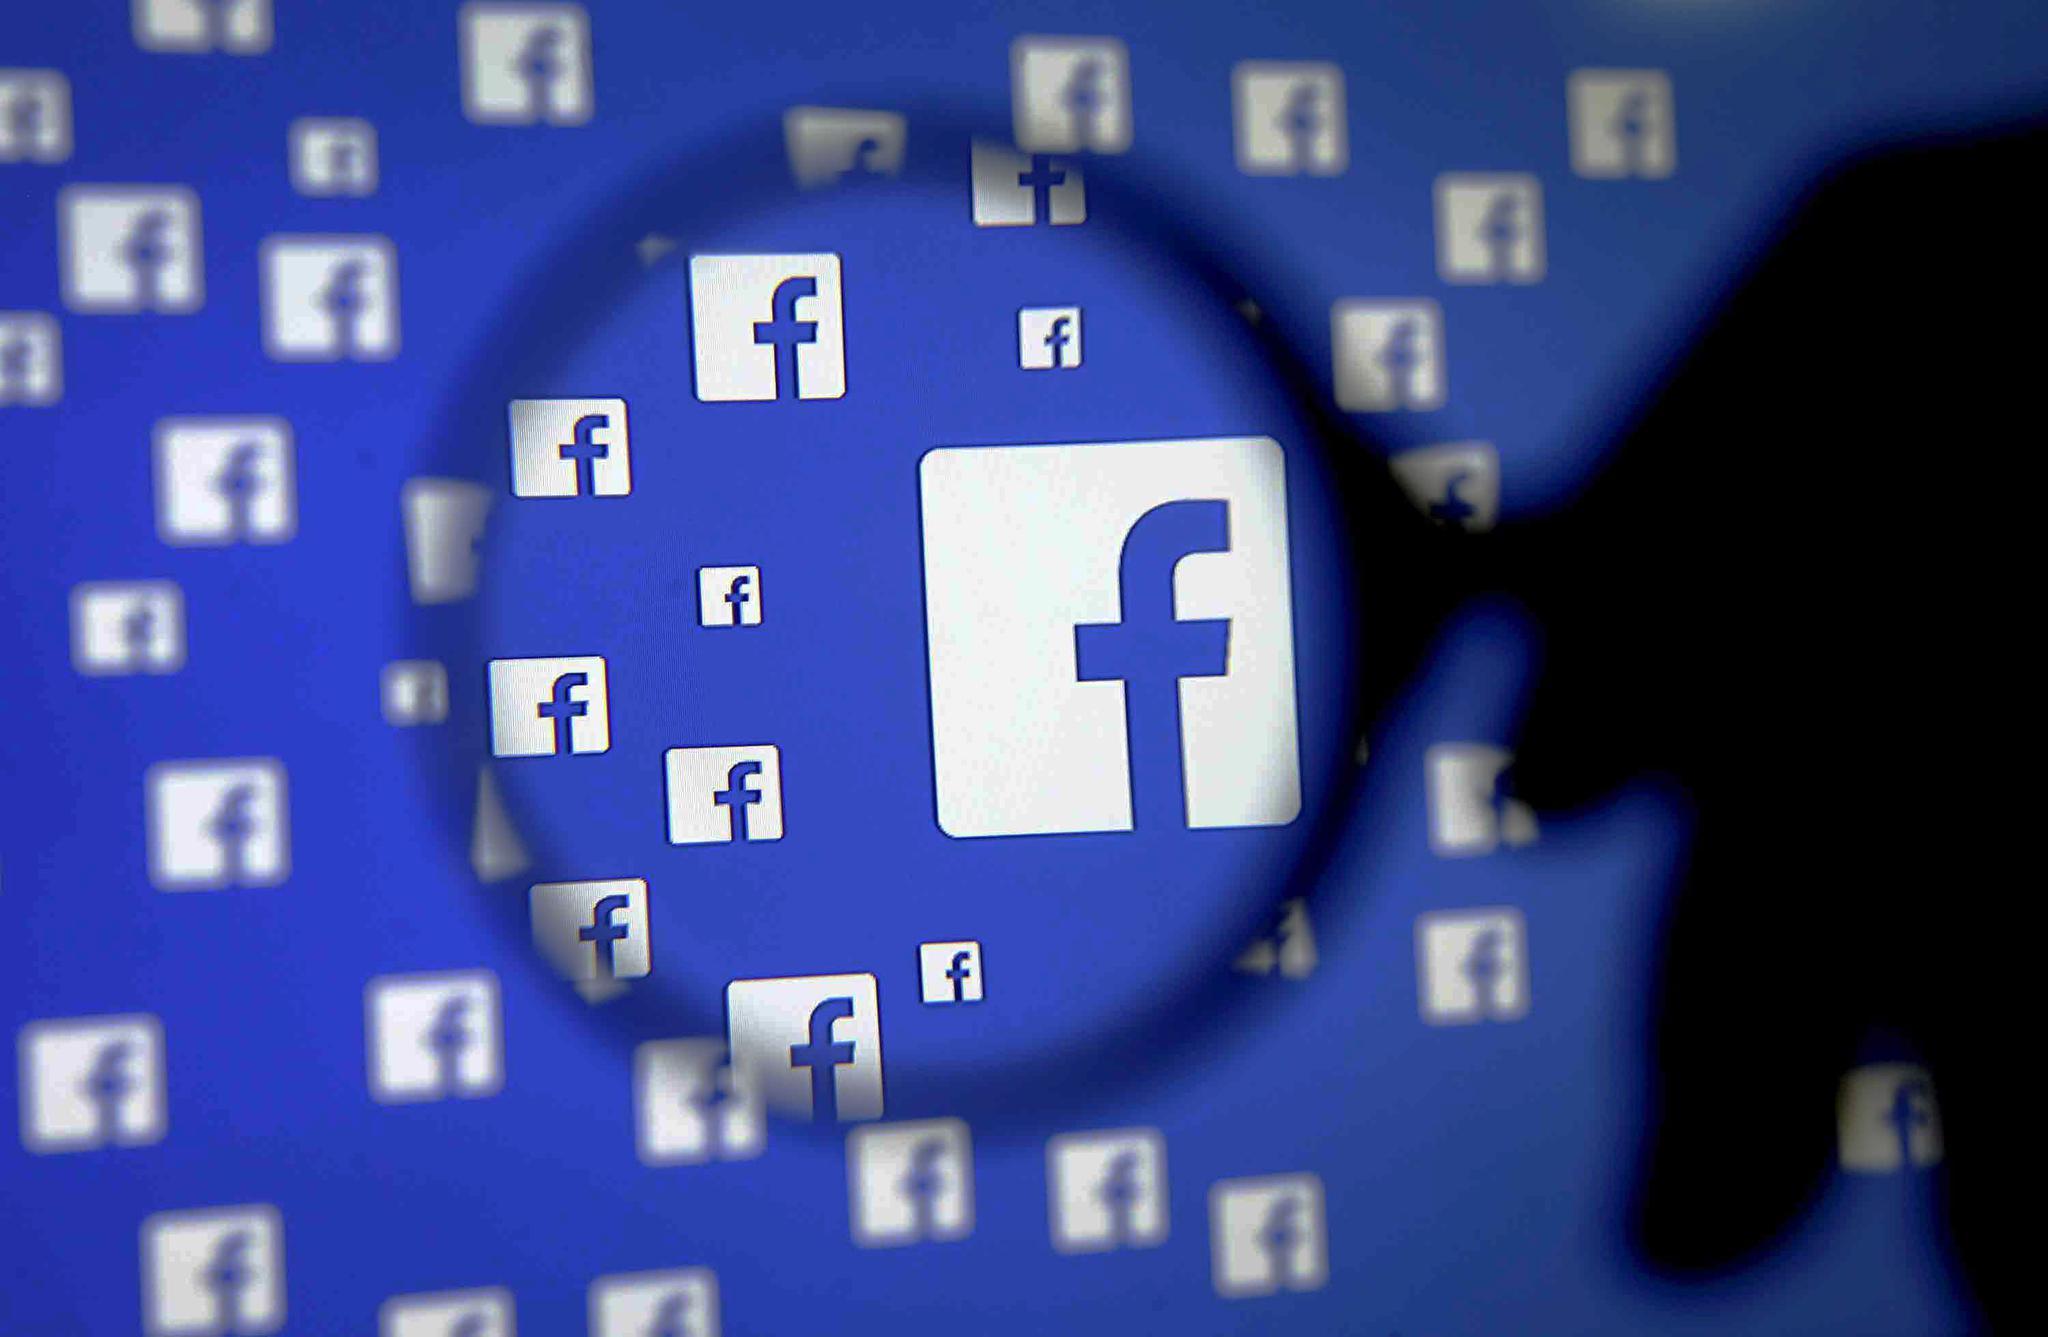 围绕数据隐私问题 德国将会质询Facebook高管